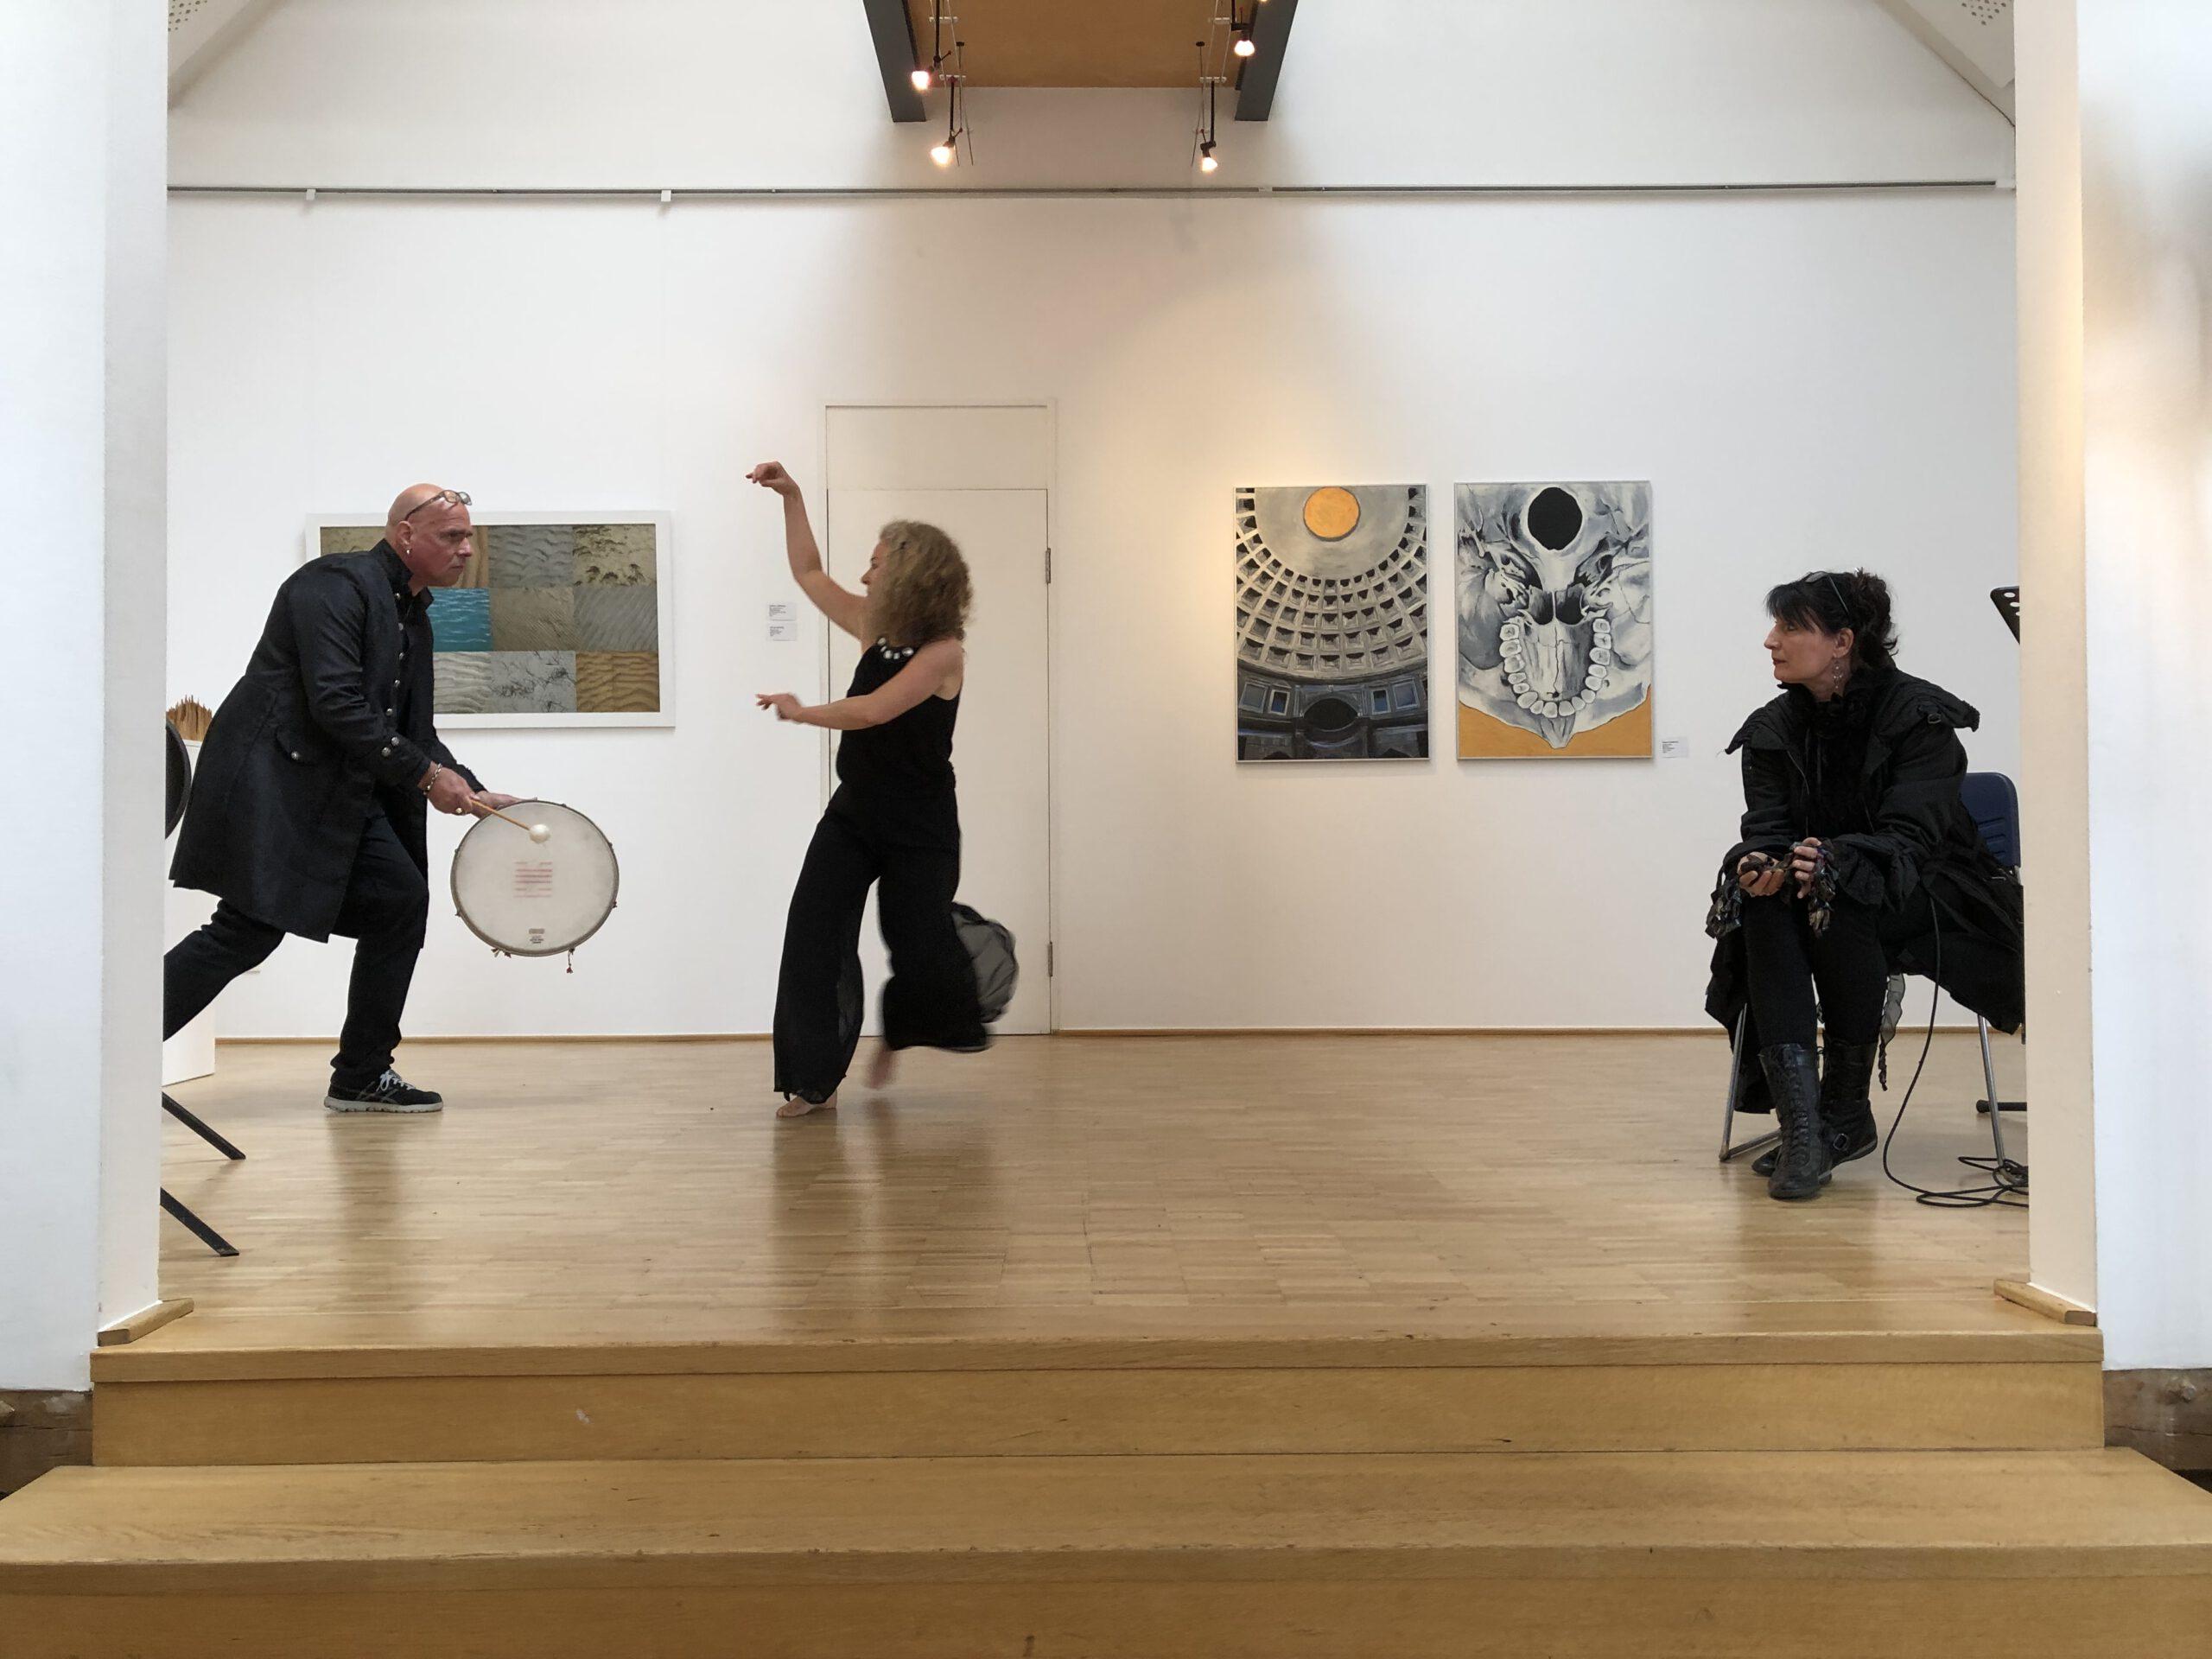 Christiane Budden (Tanz), Stefan Albus, Manuele Klein und Manuele Klein (Komposition, Percussion) treten immer wieder Themen bezogen zu den Kunstprojekten auf. Auch Petra Vetter mit Tanz und Literatur, Petra-Christine Schiefer mit Literatur und Performance.